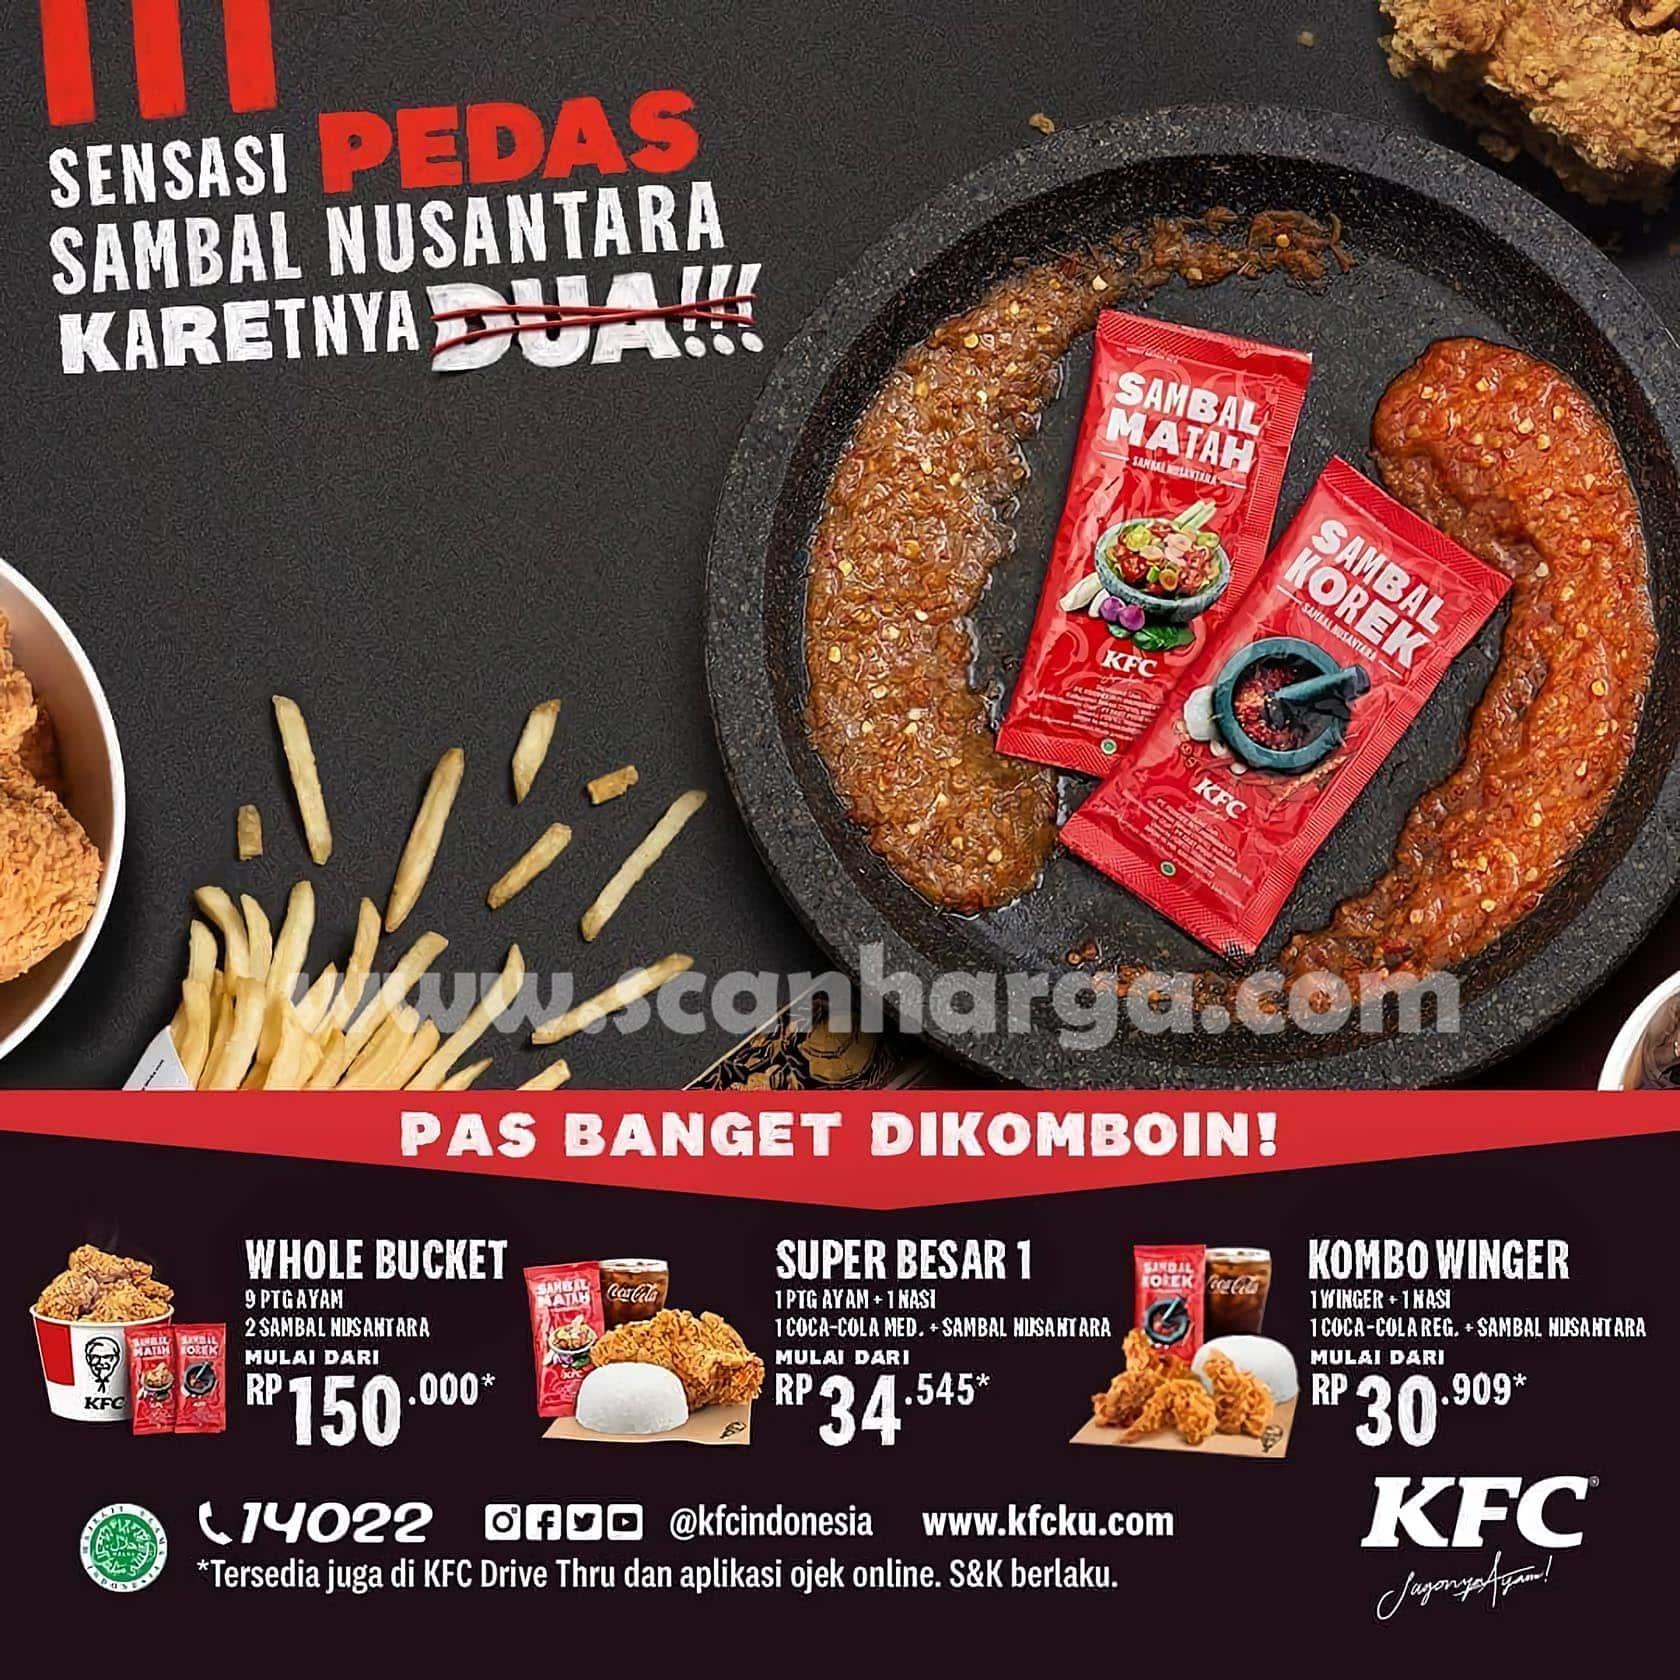 KFC Promo Sambal Karetnya 2 (Sambal Matah / Korek) harga Hanya 5.500